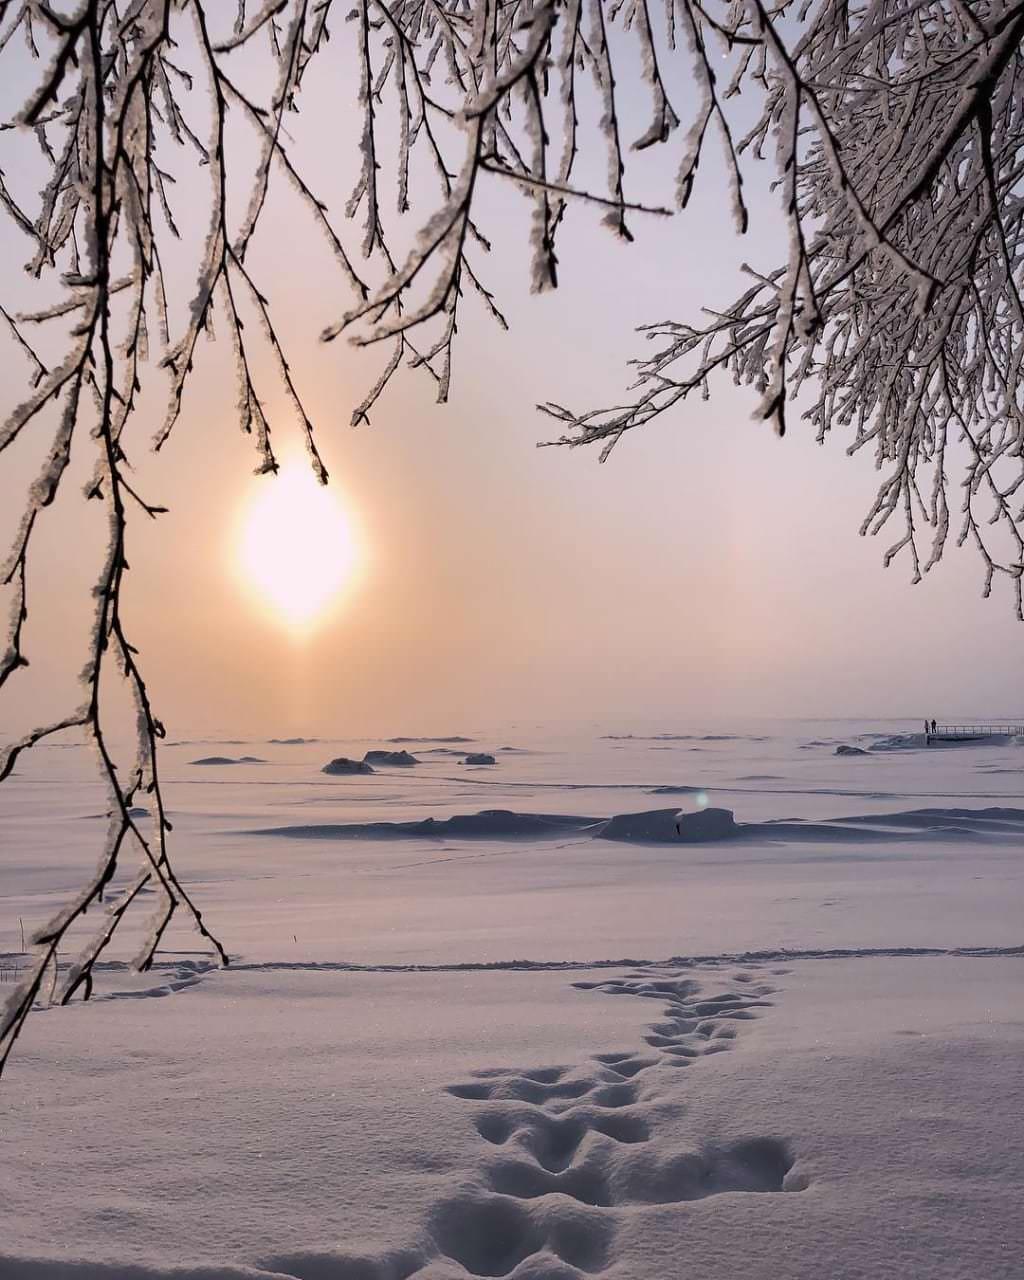 le golf de finland gele